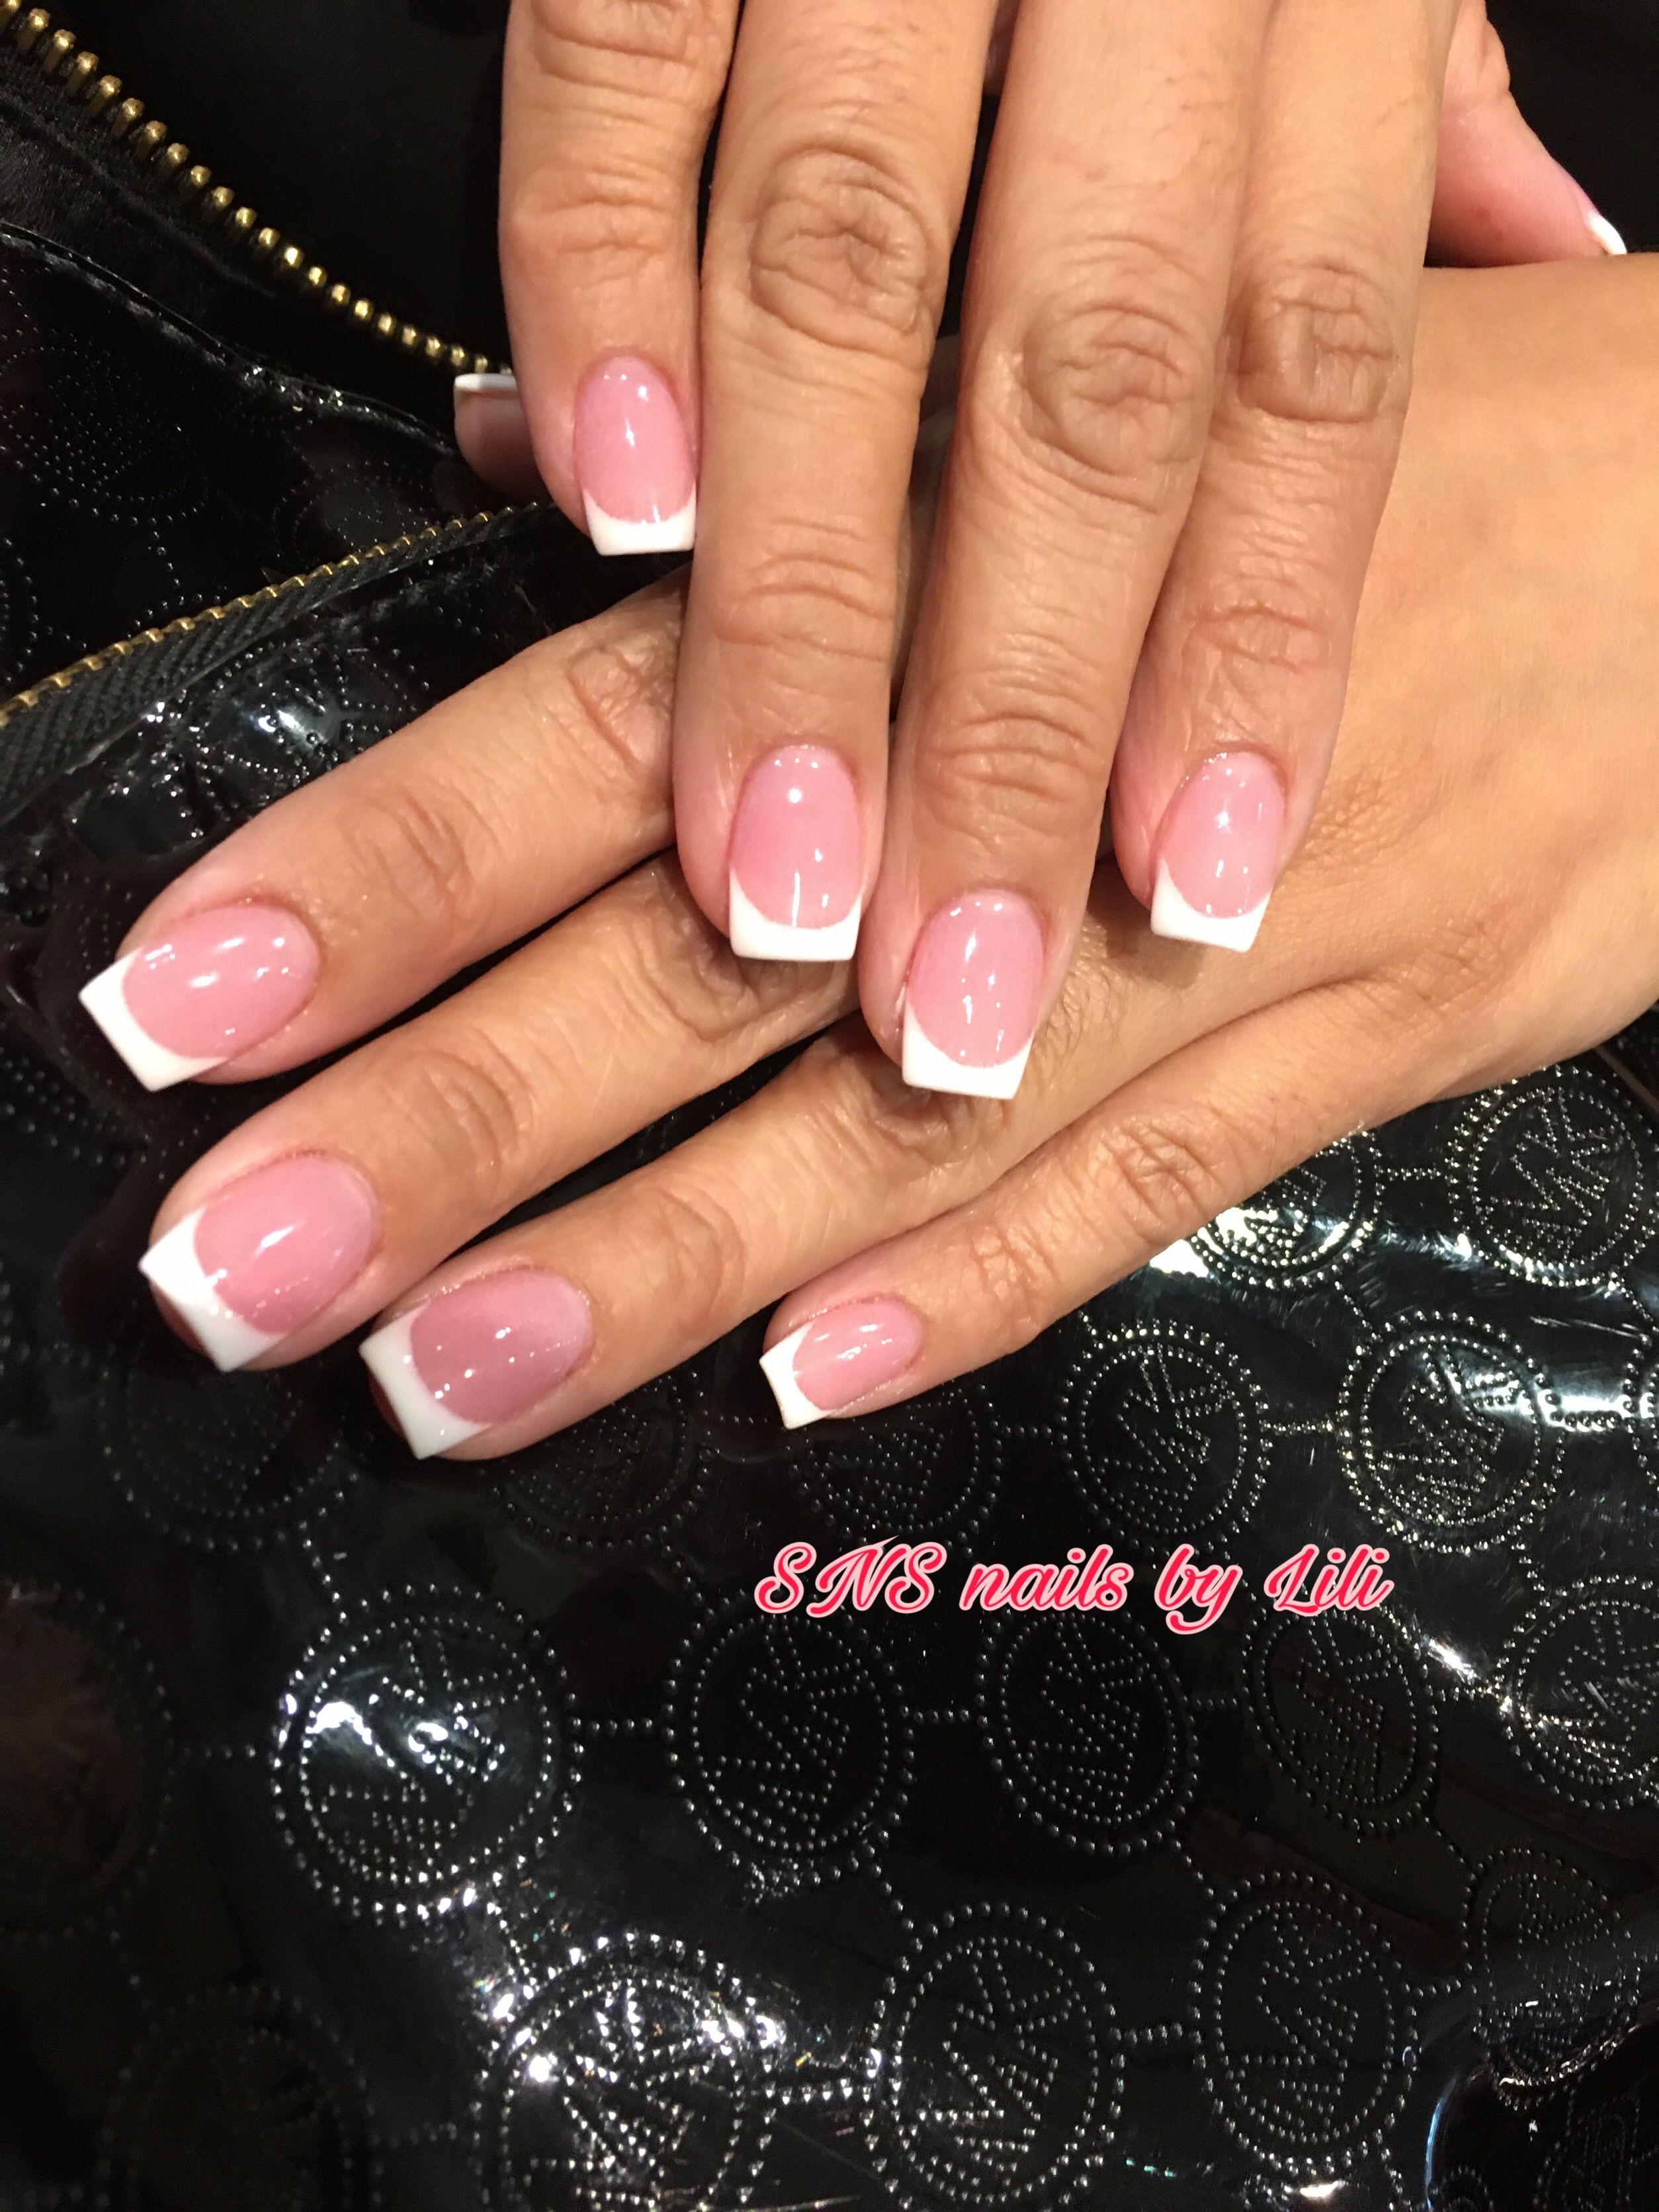 SNS nails French tips ! | Nails | Pinterest | Sns nails, Nail french ...